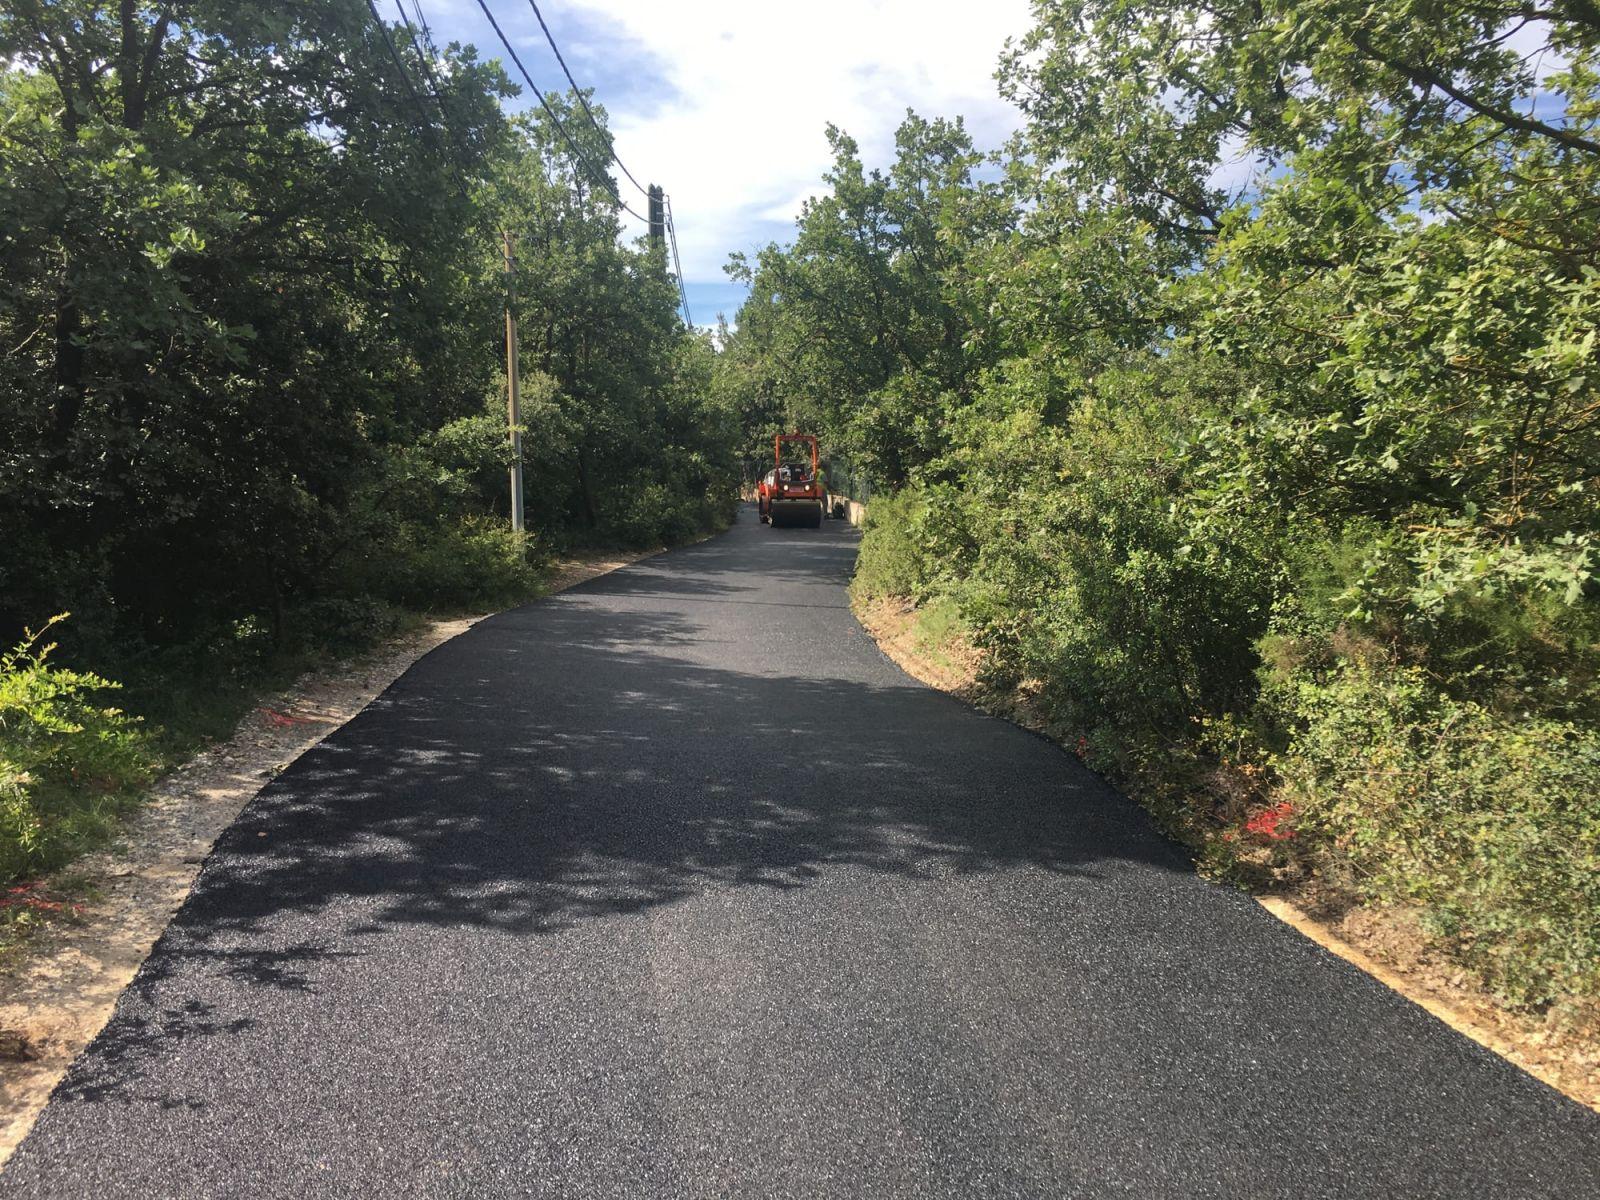 Prix Geotextile Pour Chemin D Accès réfection d'un chemin d'accès en enrobé sur la commune de